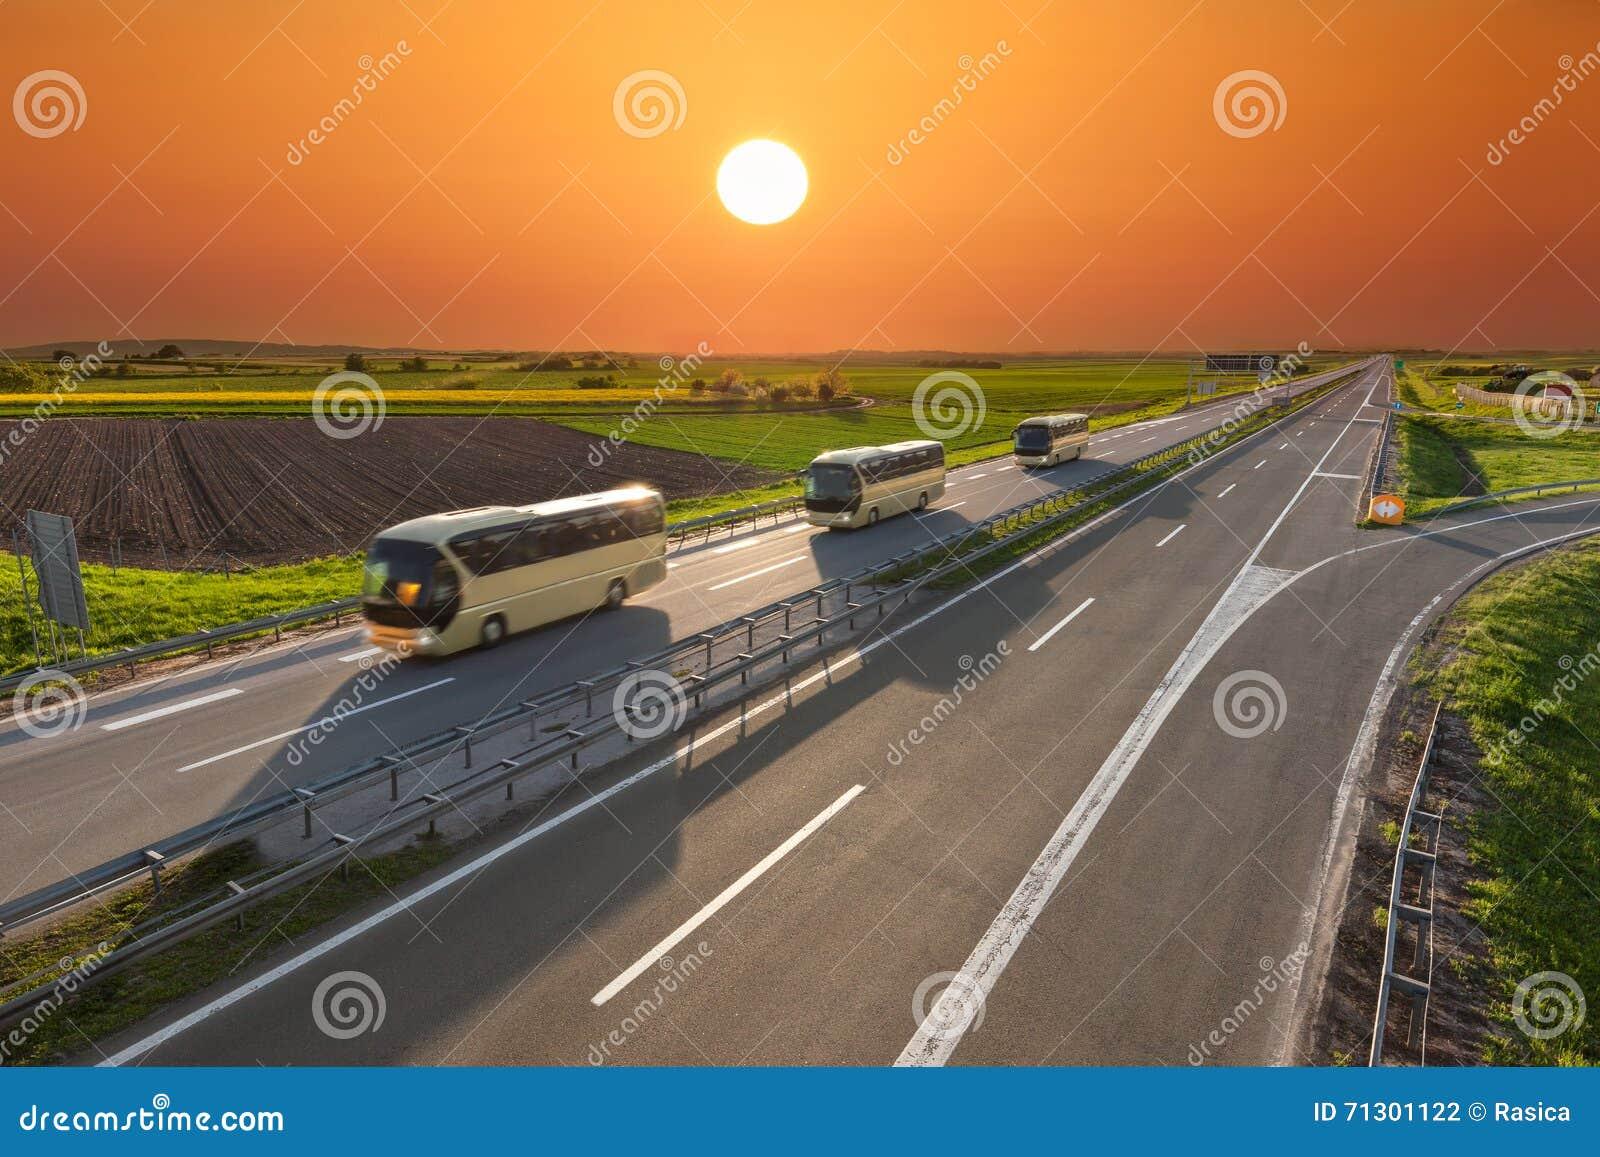 Fasten Reisebusse in Folge auf der Autobahn bei Sonnenuntergang